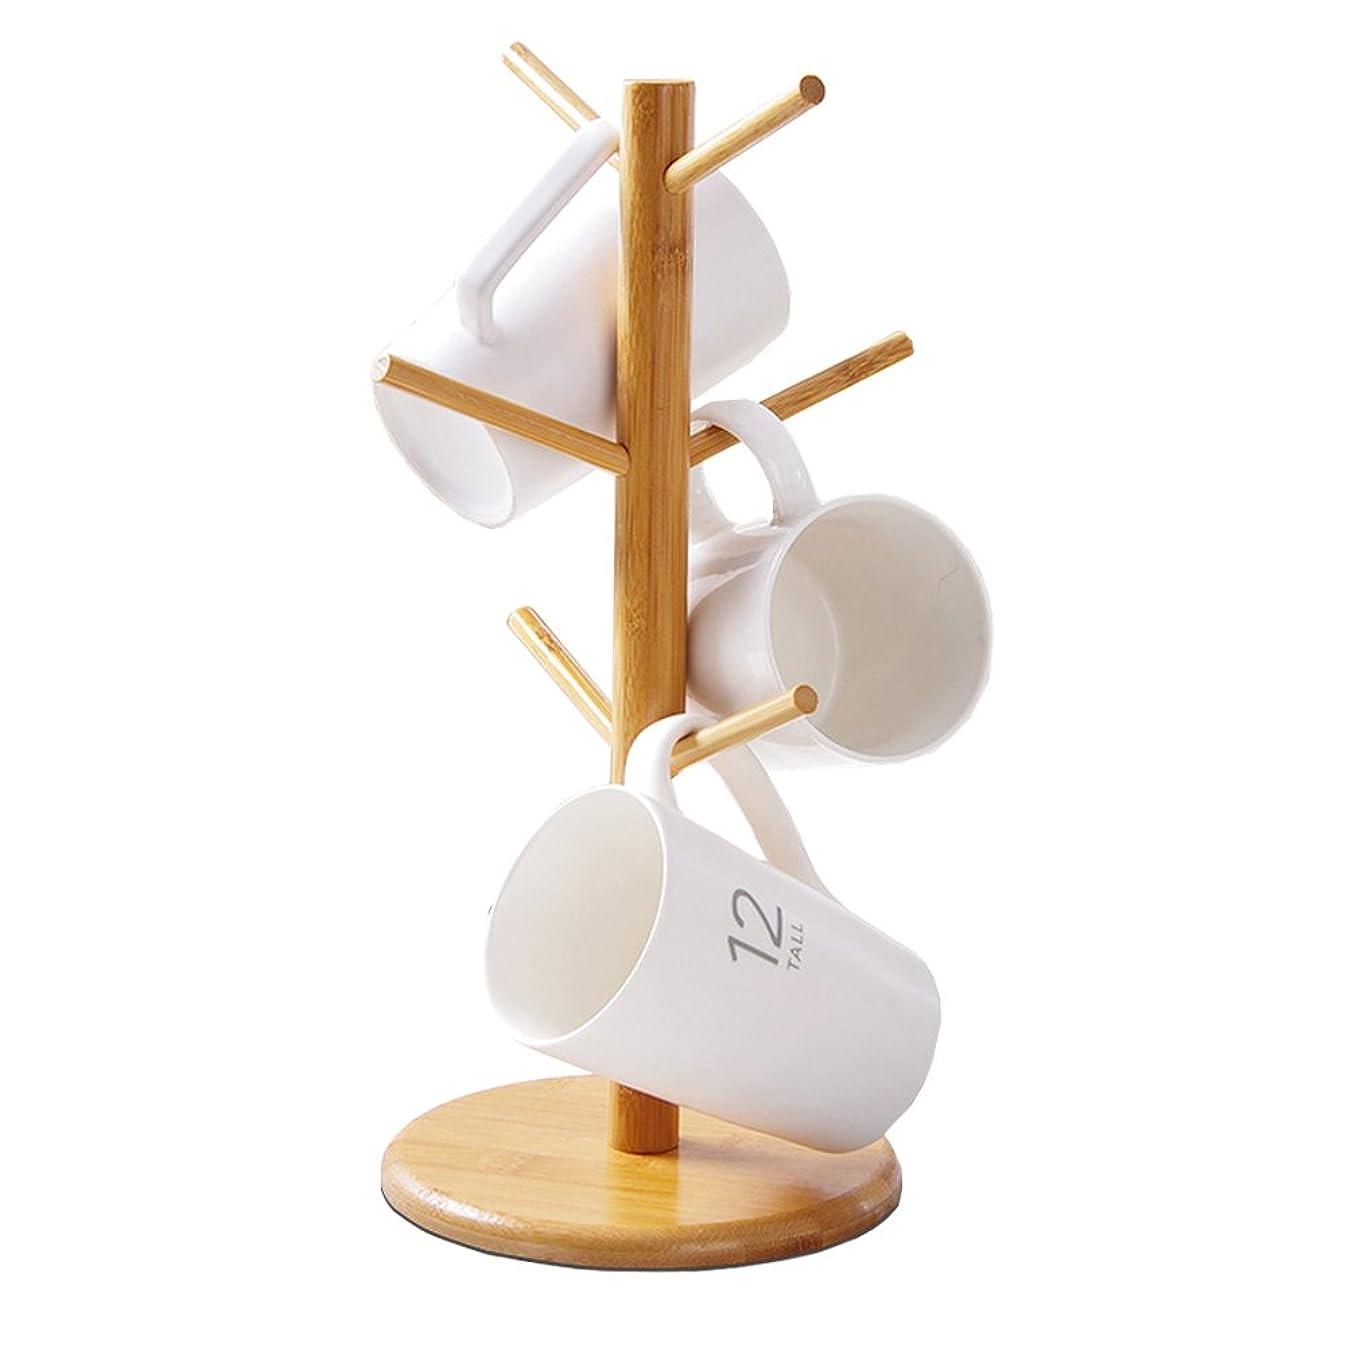 LifeCom Bamboo Mug Rack Tree, Organic Bamboo Mug Holder, Mug Hook,Mug Stand,Coffee Cup Dryer with 6 Hooks